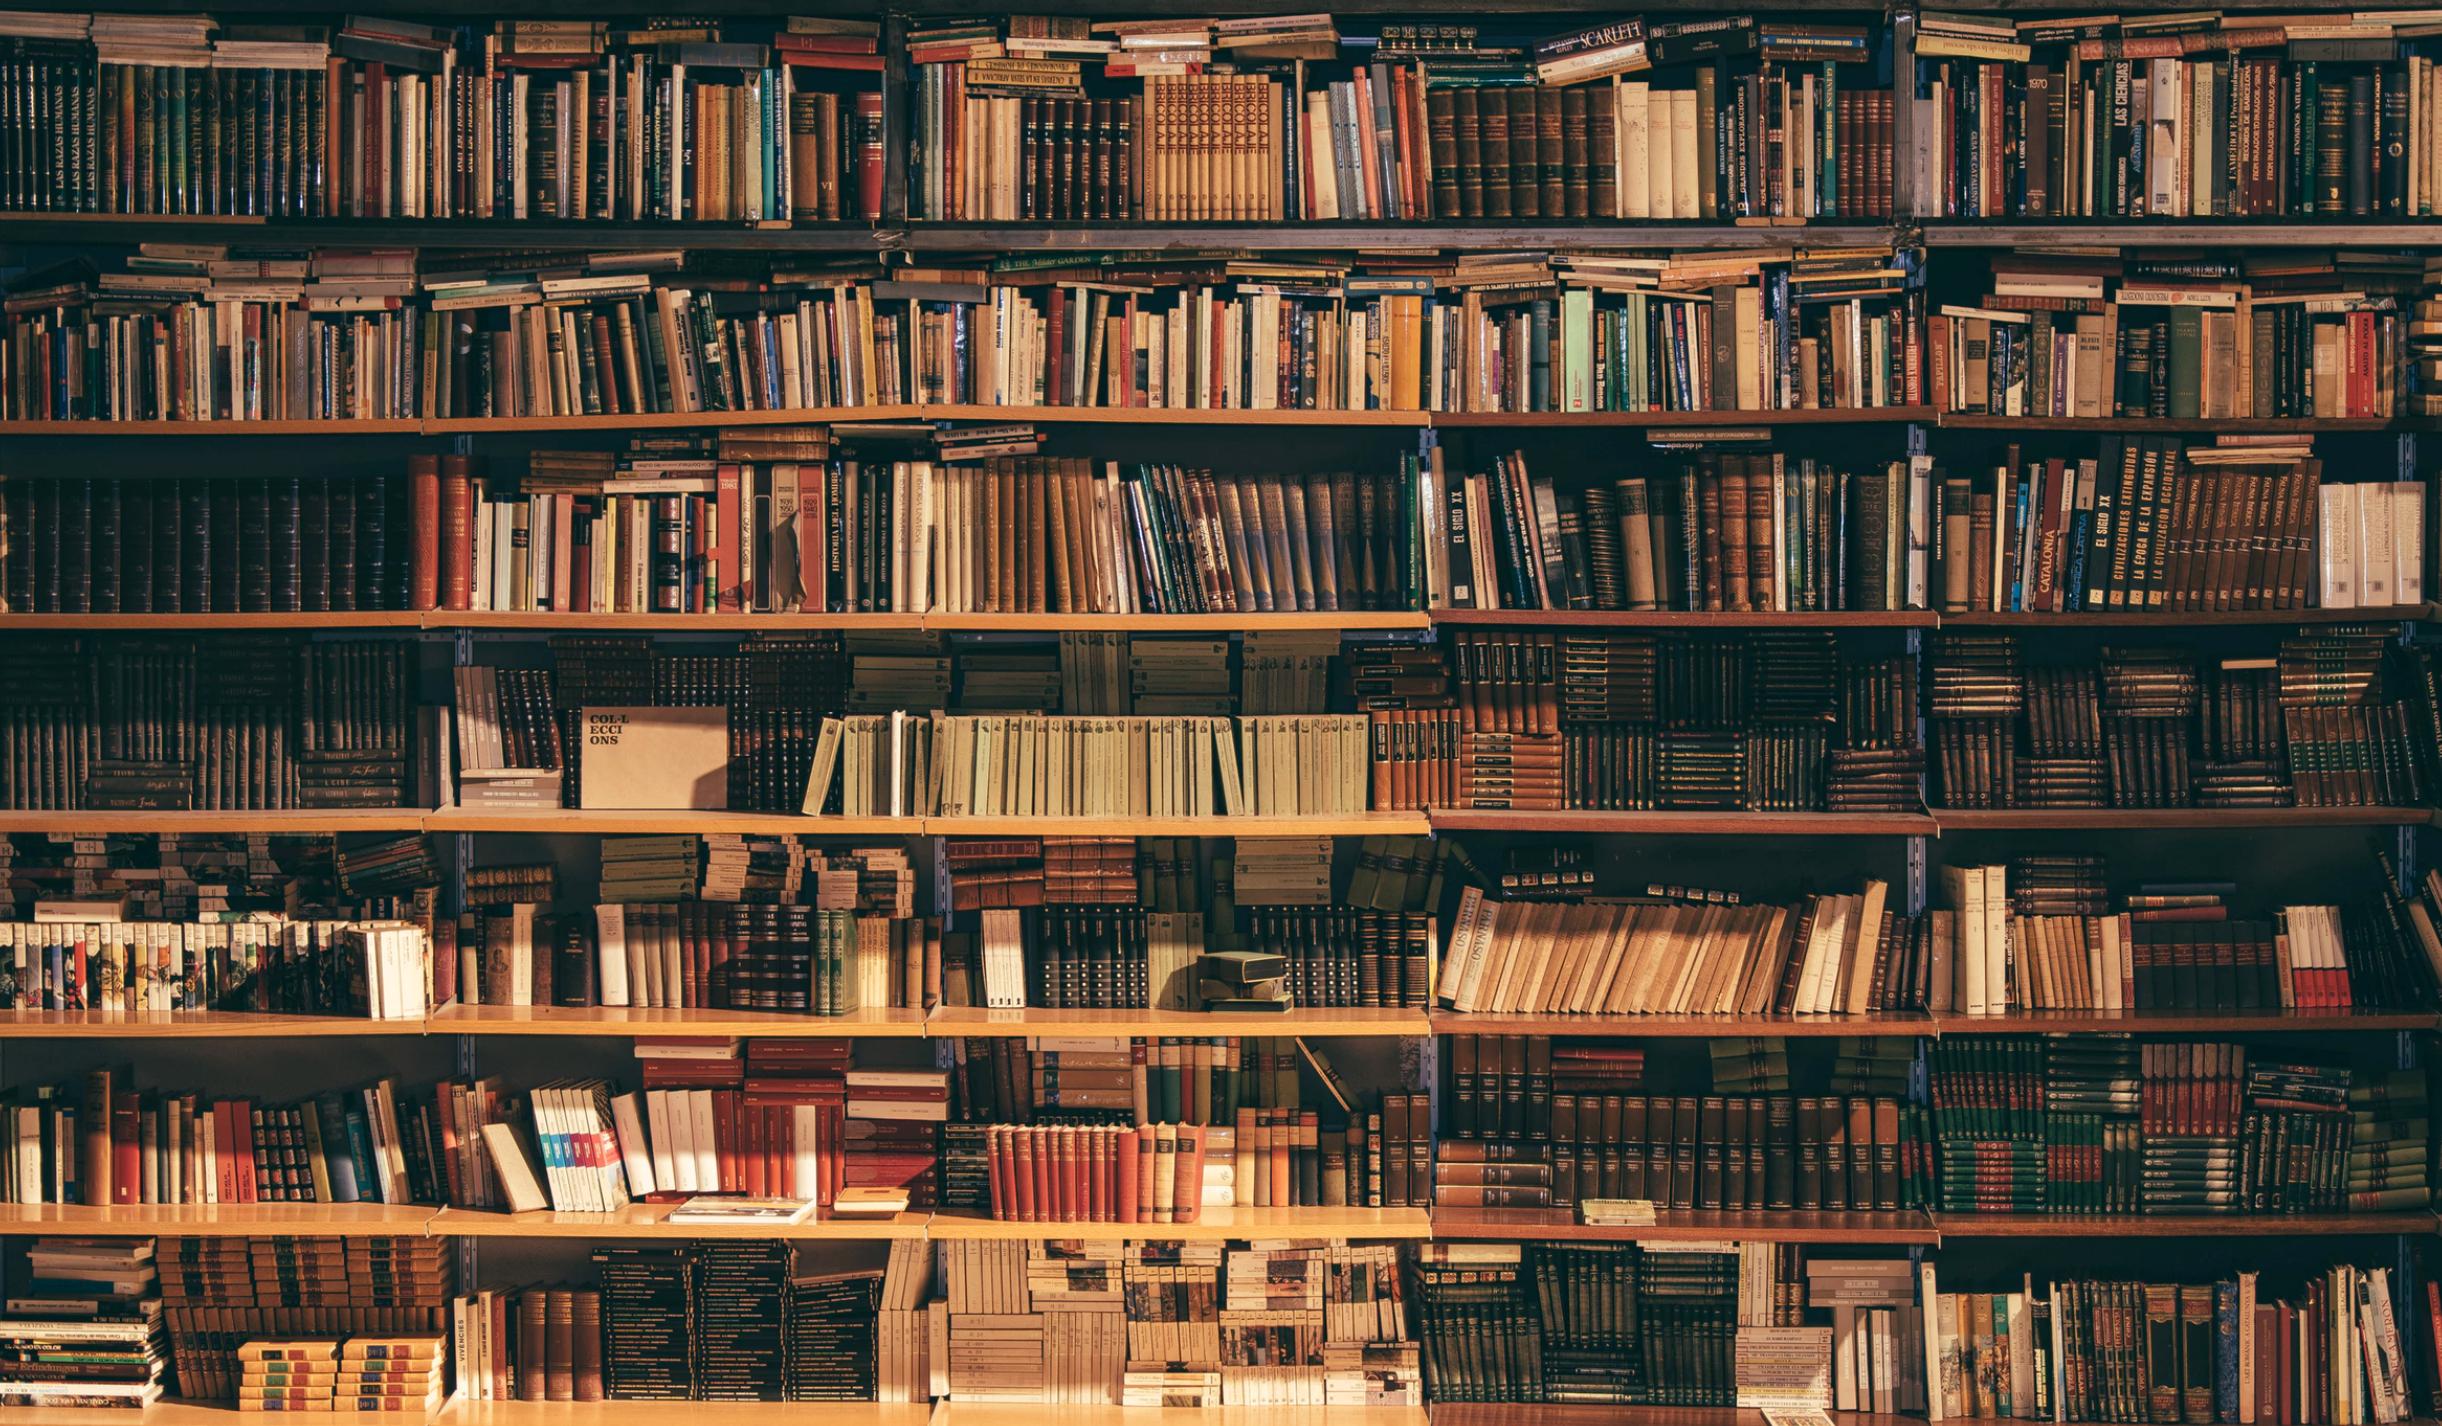 Bibliotecas singulares para visitantes locais atípic@s